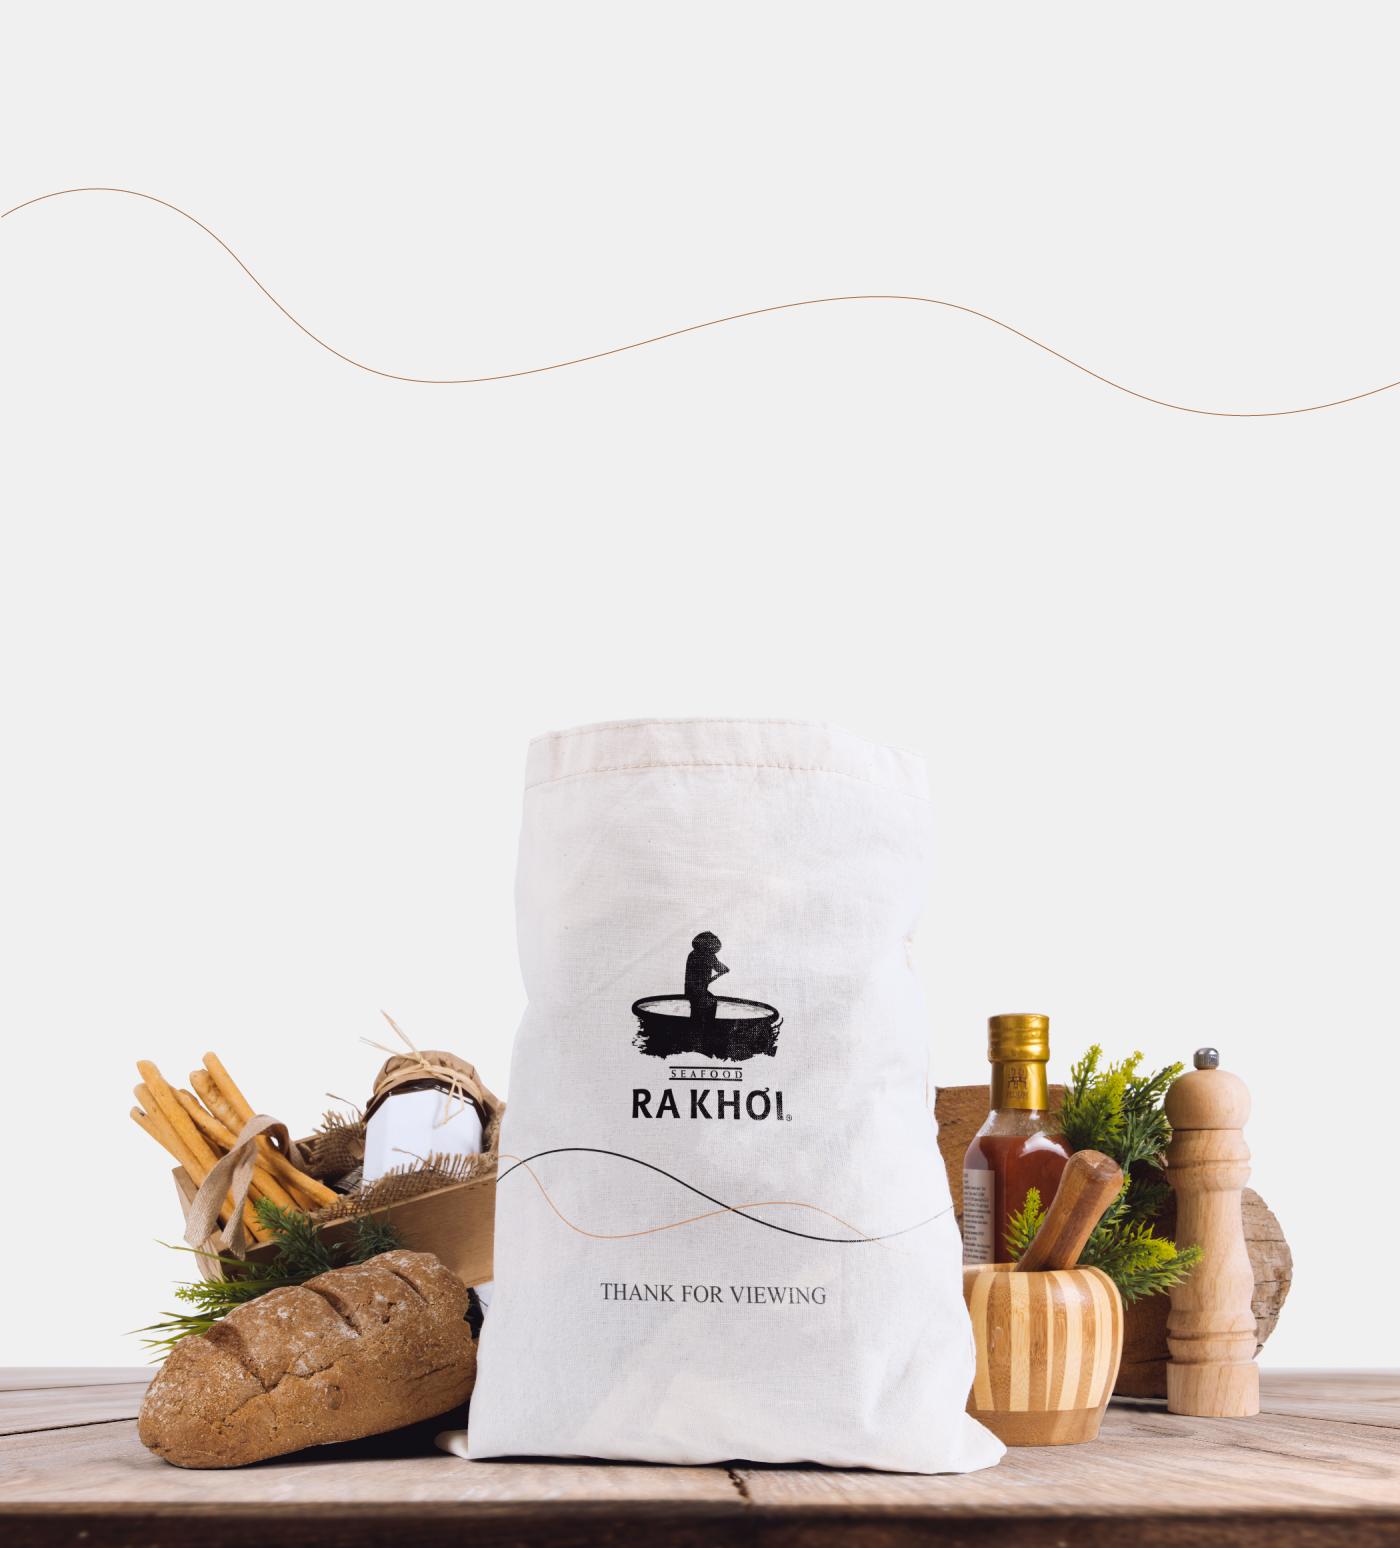 vietnam-packaging-ra-khoi-seafood-10